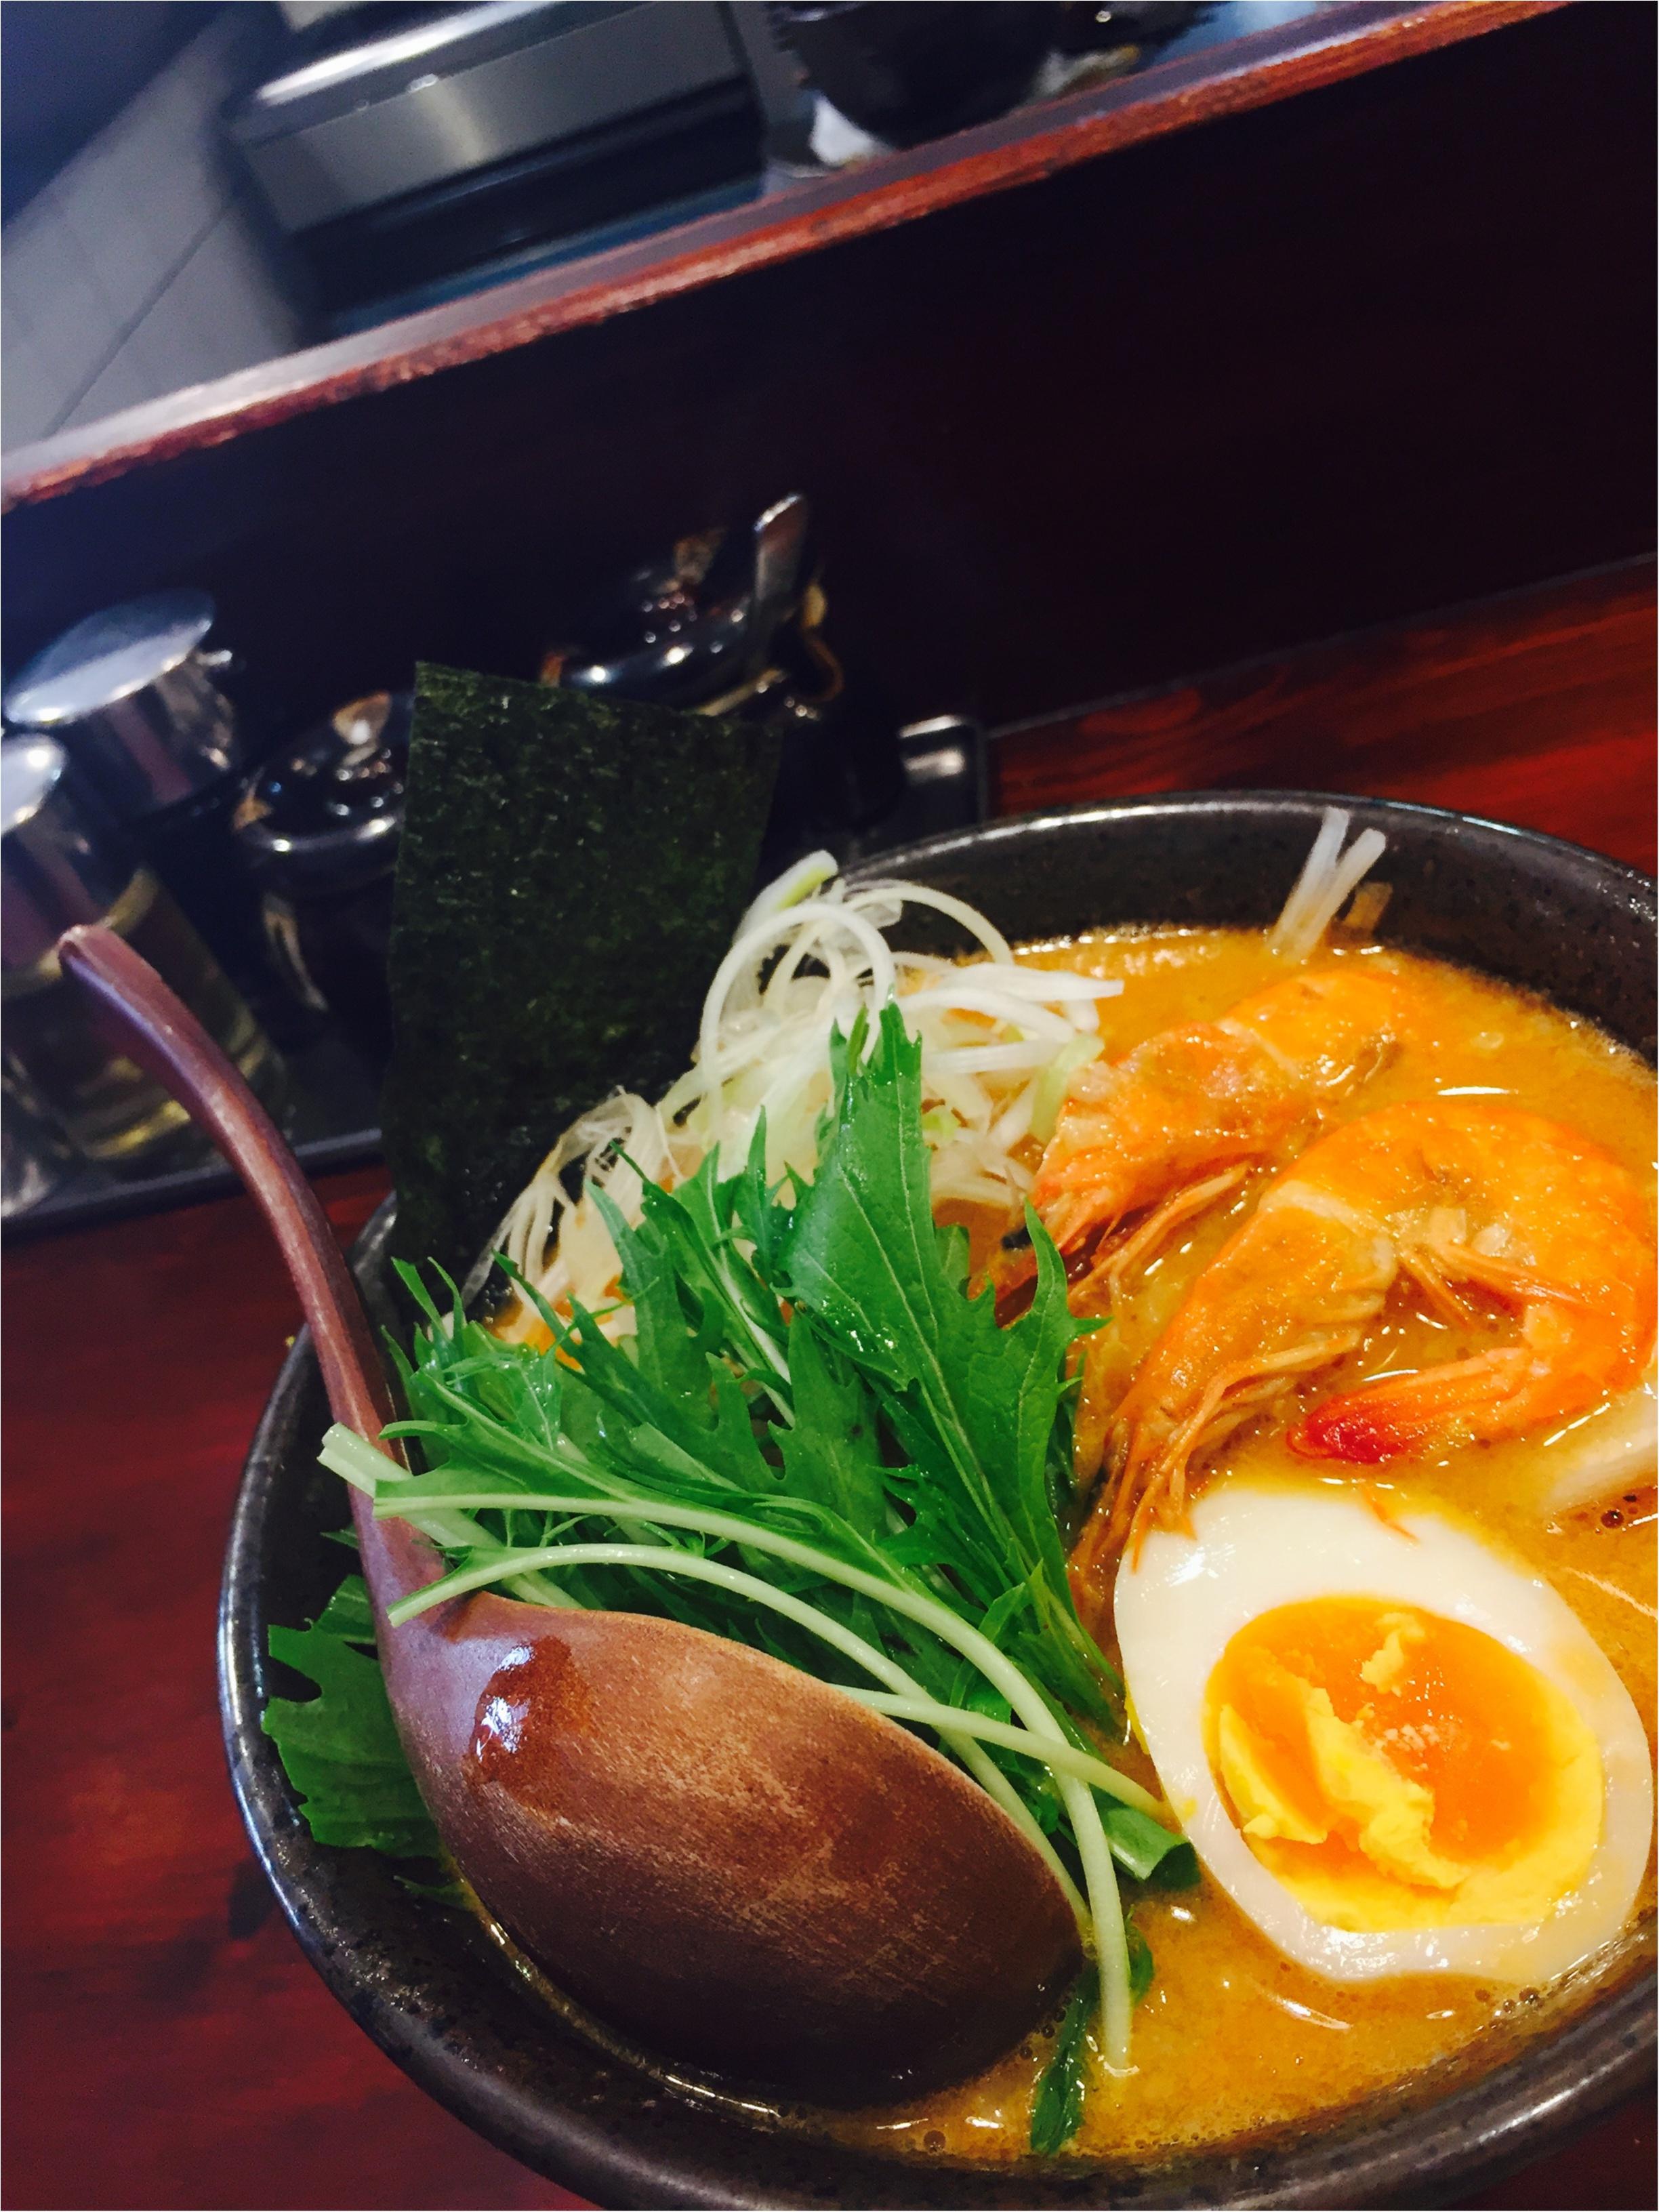 …ஐ たま〜に美味しいラーメン食べたくないですか?高円寺の海老味噌ラーメンが美味しすぎるஐ¨_1